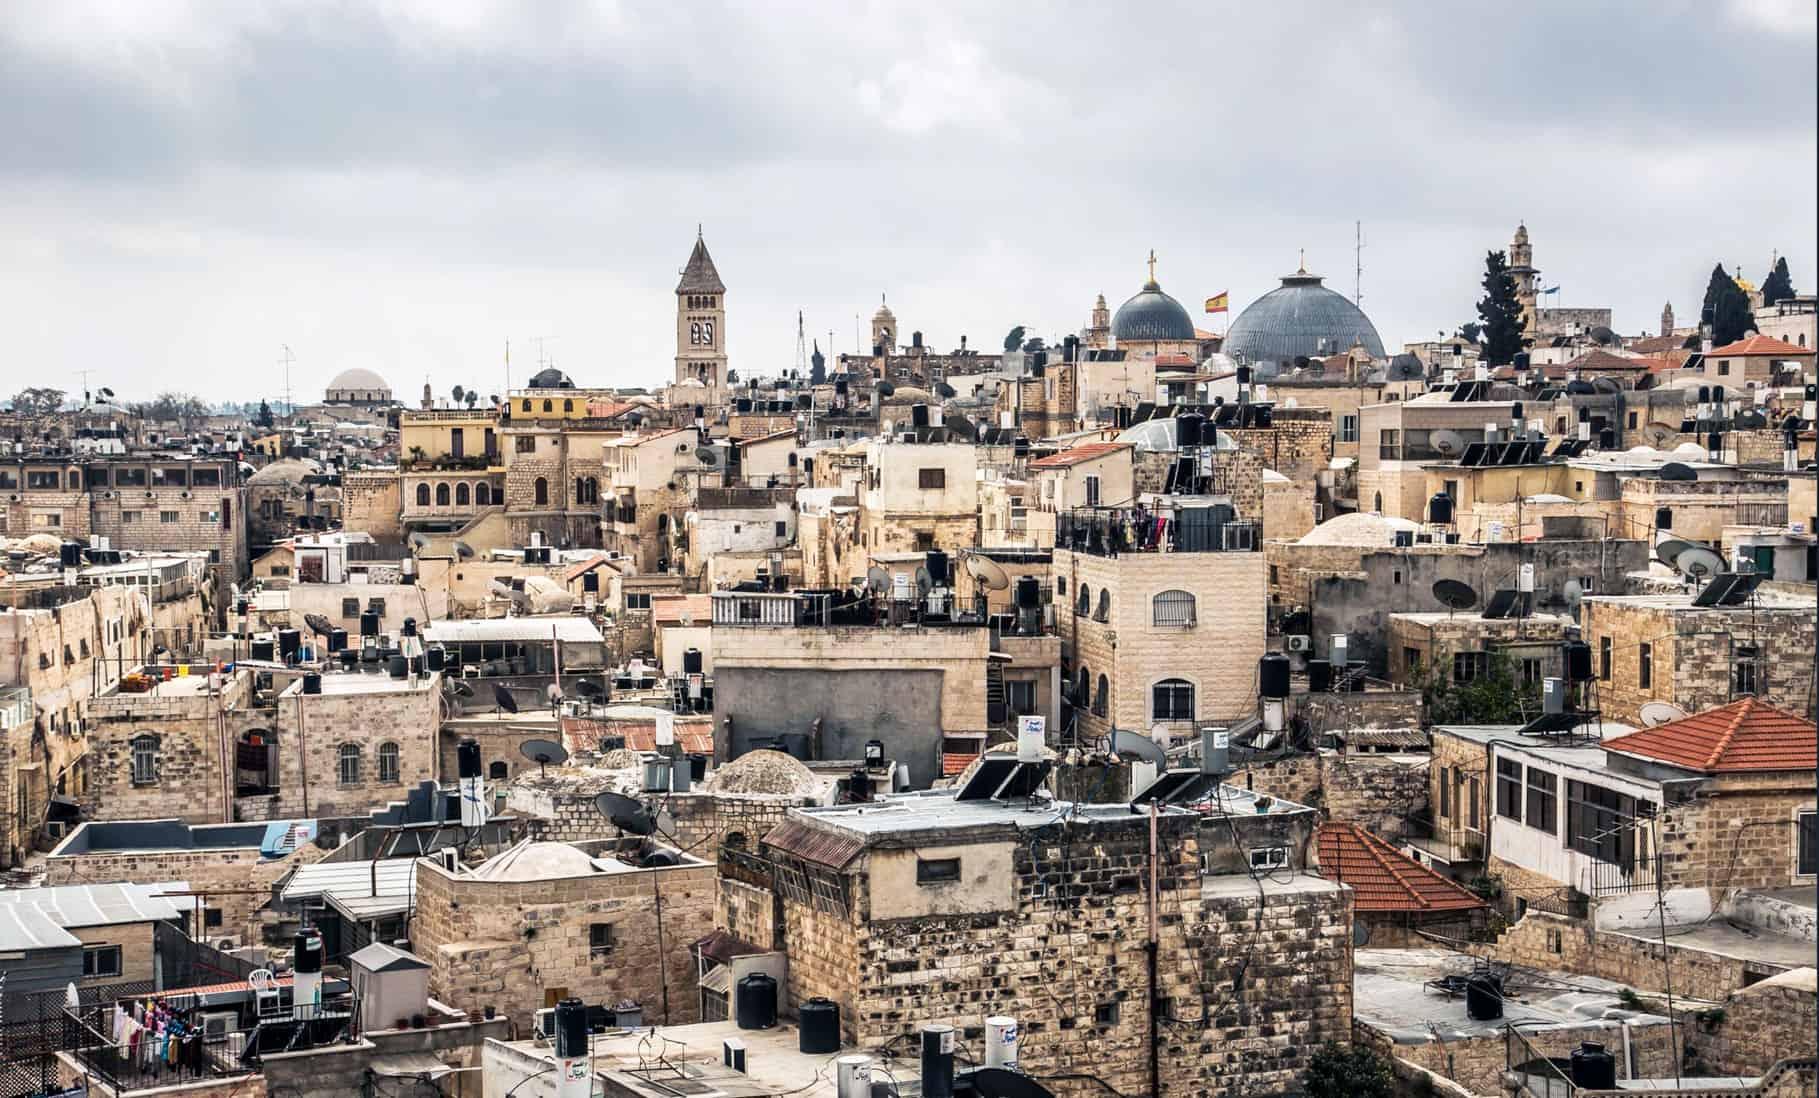 Jerusalem city skyline in the daytime